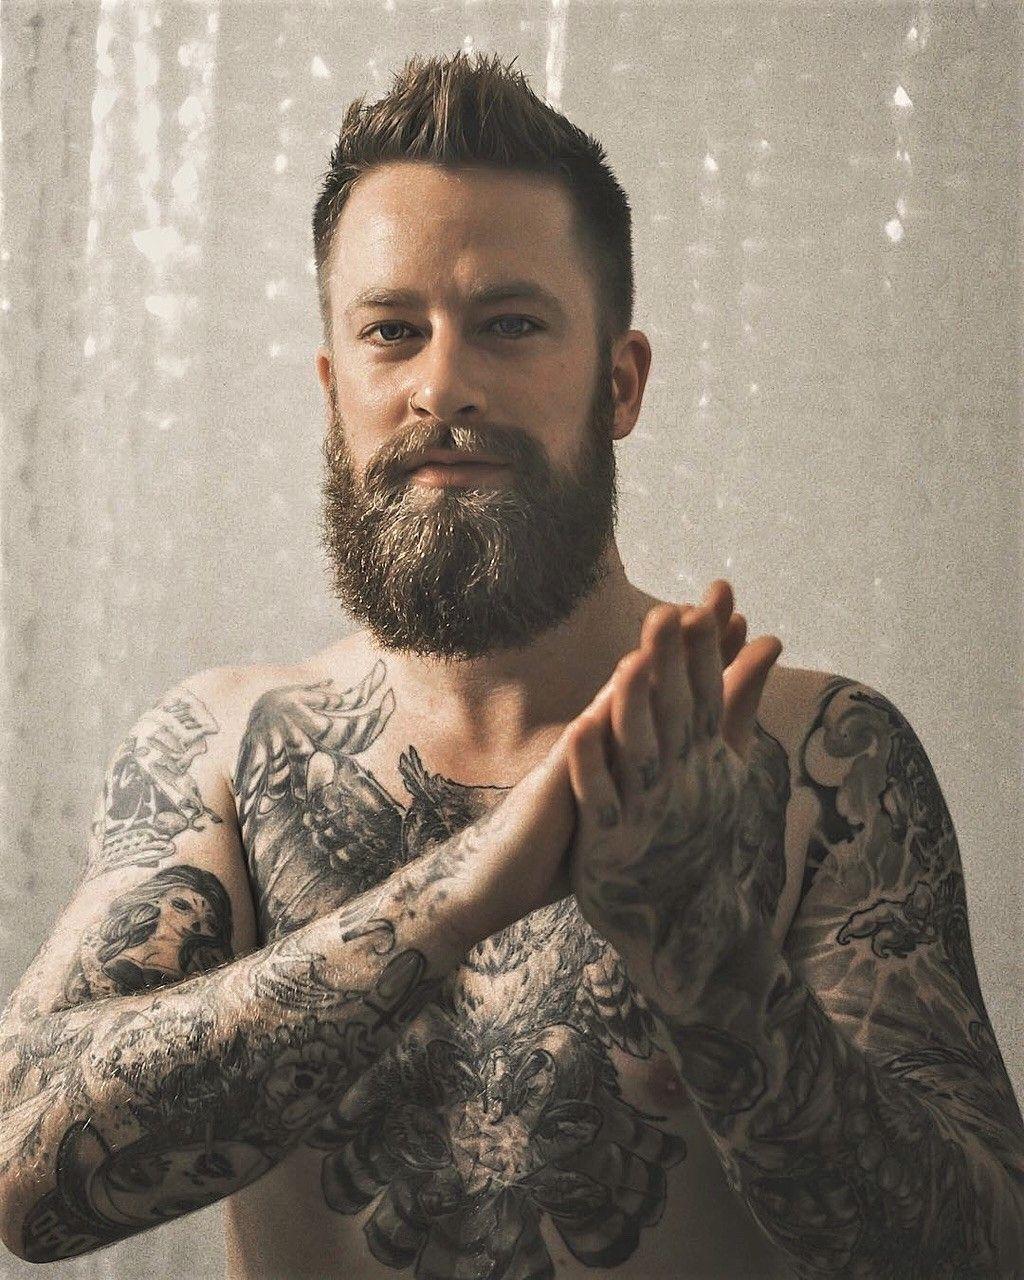 Wedding Beard Styles: Beard, Beard Styles For Men